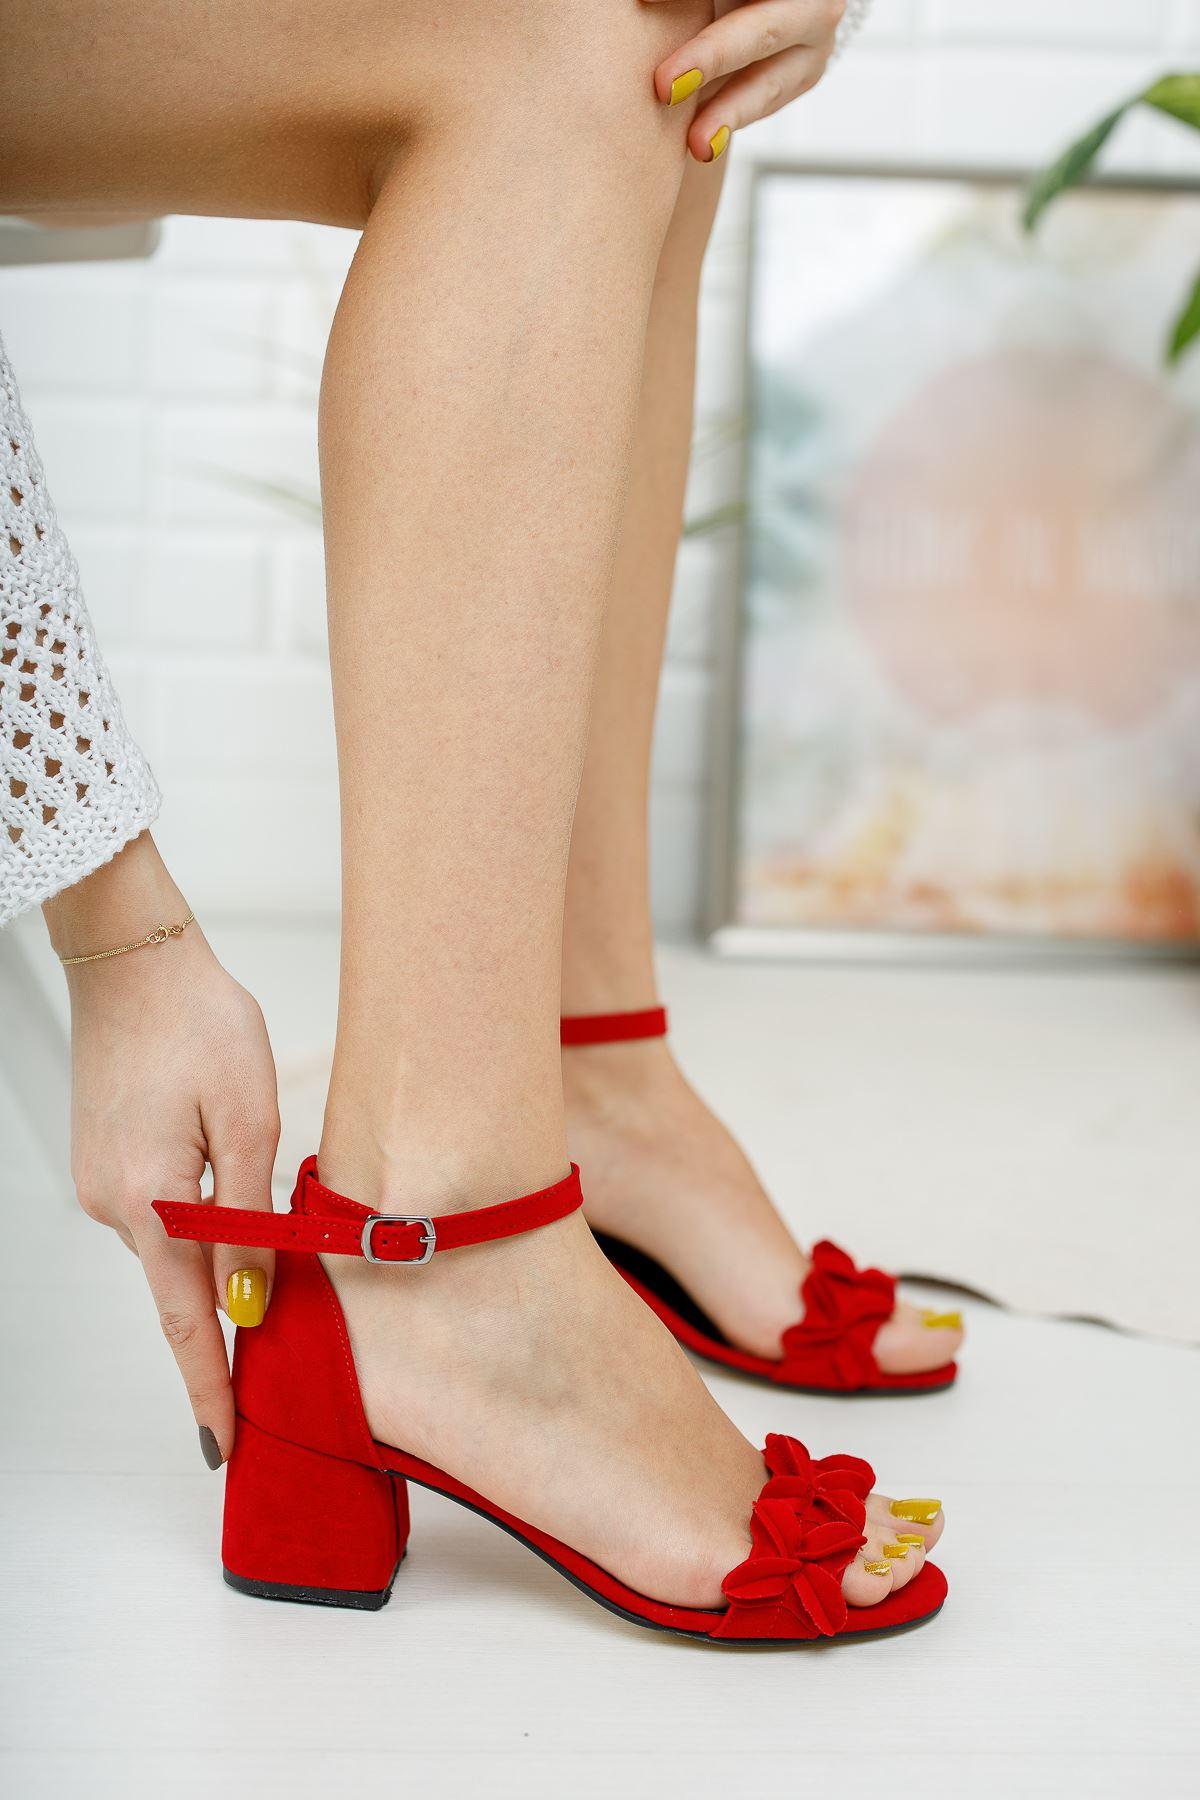 Kadın Sala Kısa Topuklu Ayakkabı Süet Kırmızı